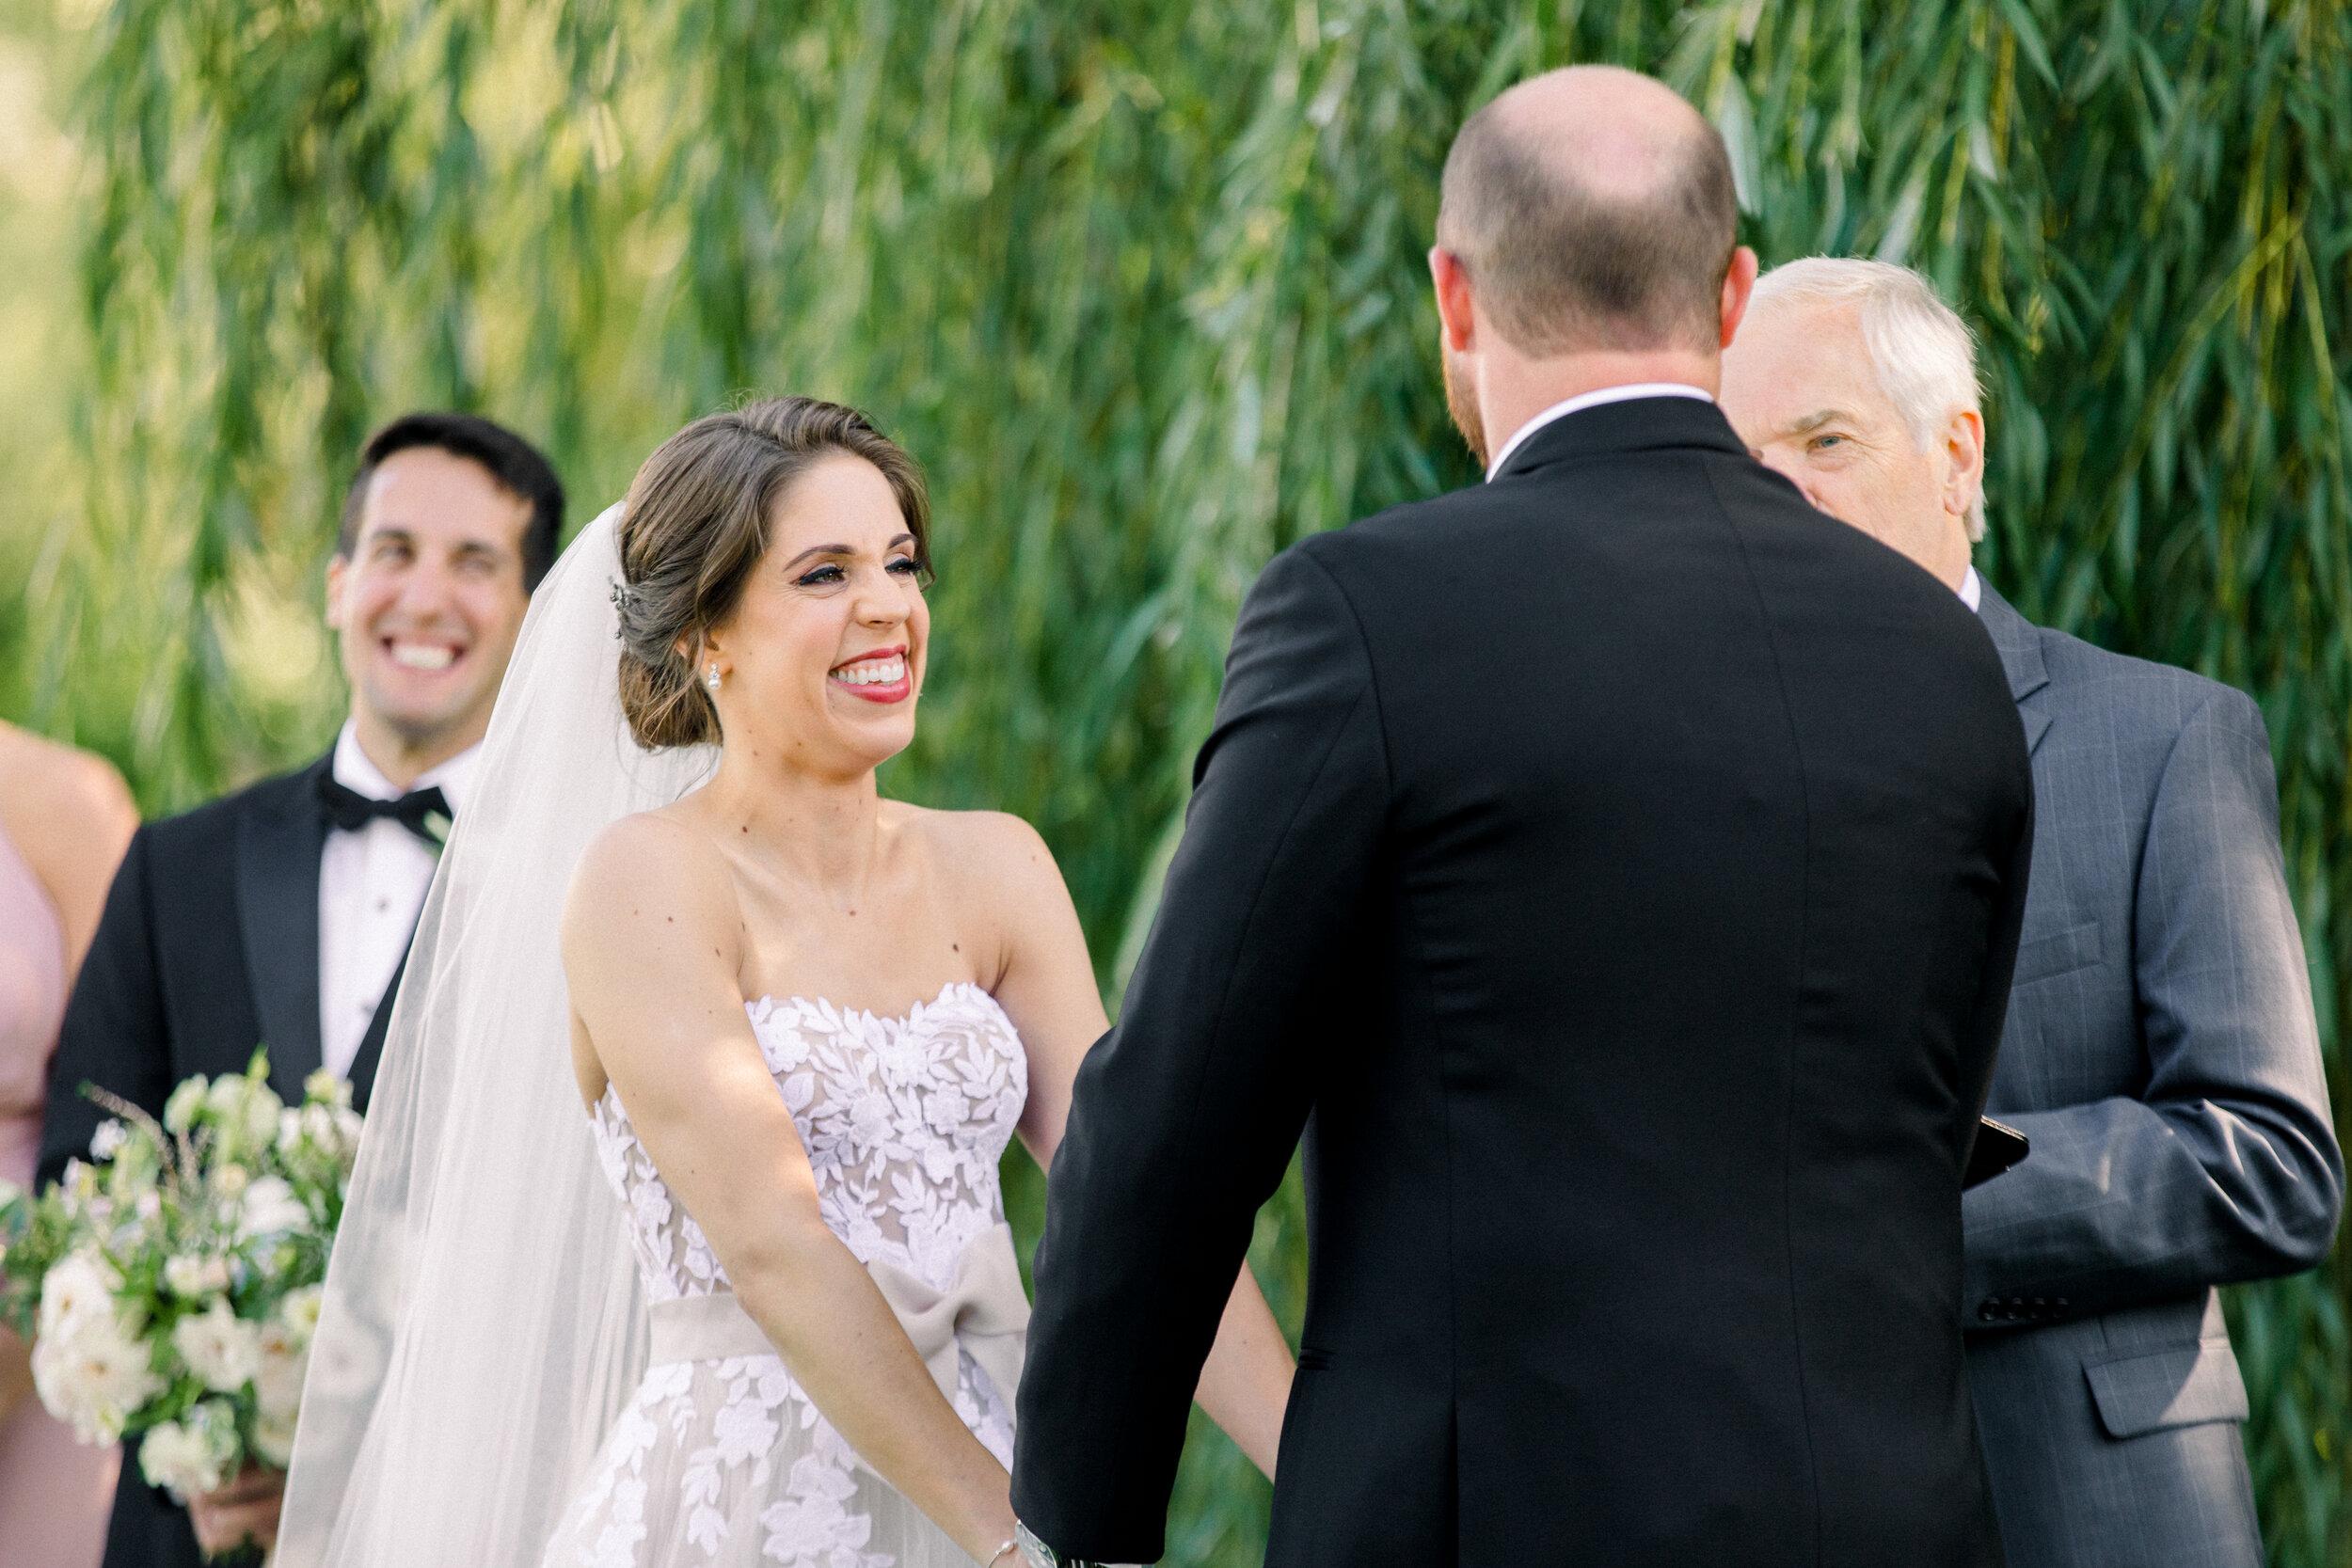 Steinlage+Wedding+Ceremony-222.jpg